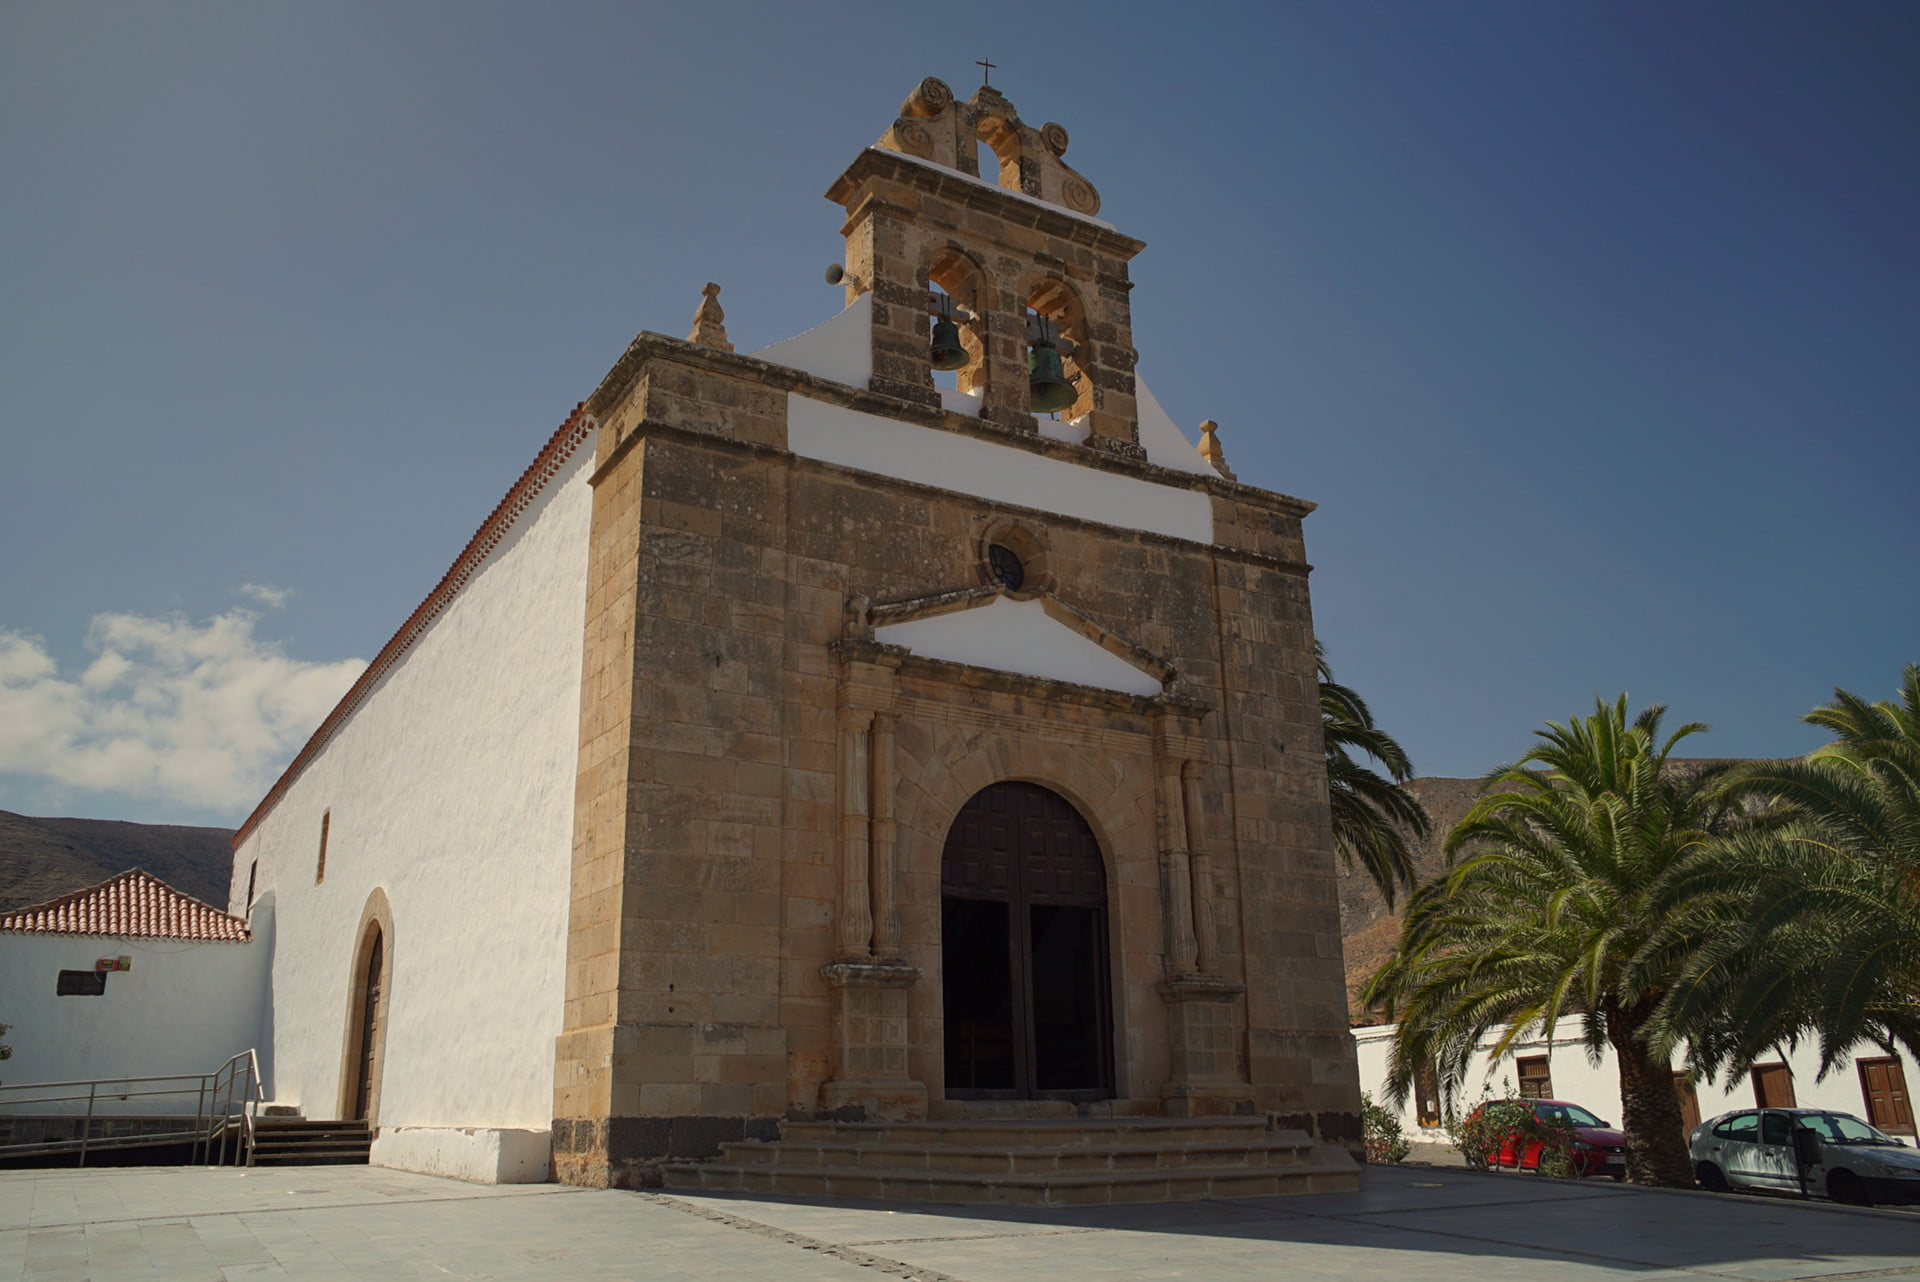 Church of Nuestra Señora de la Peña, Vega de Rio Palmas, Fuerteventura